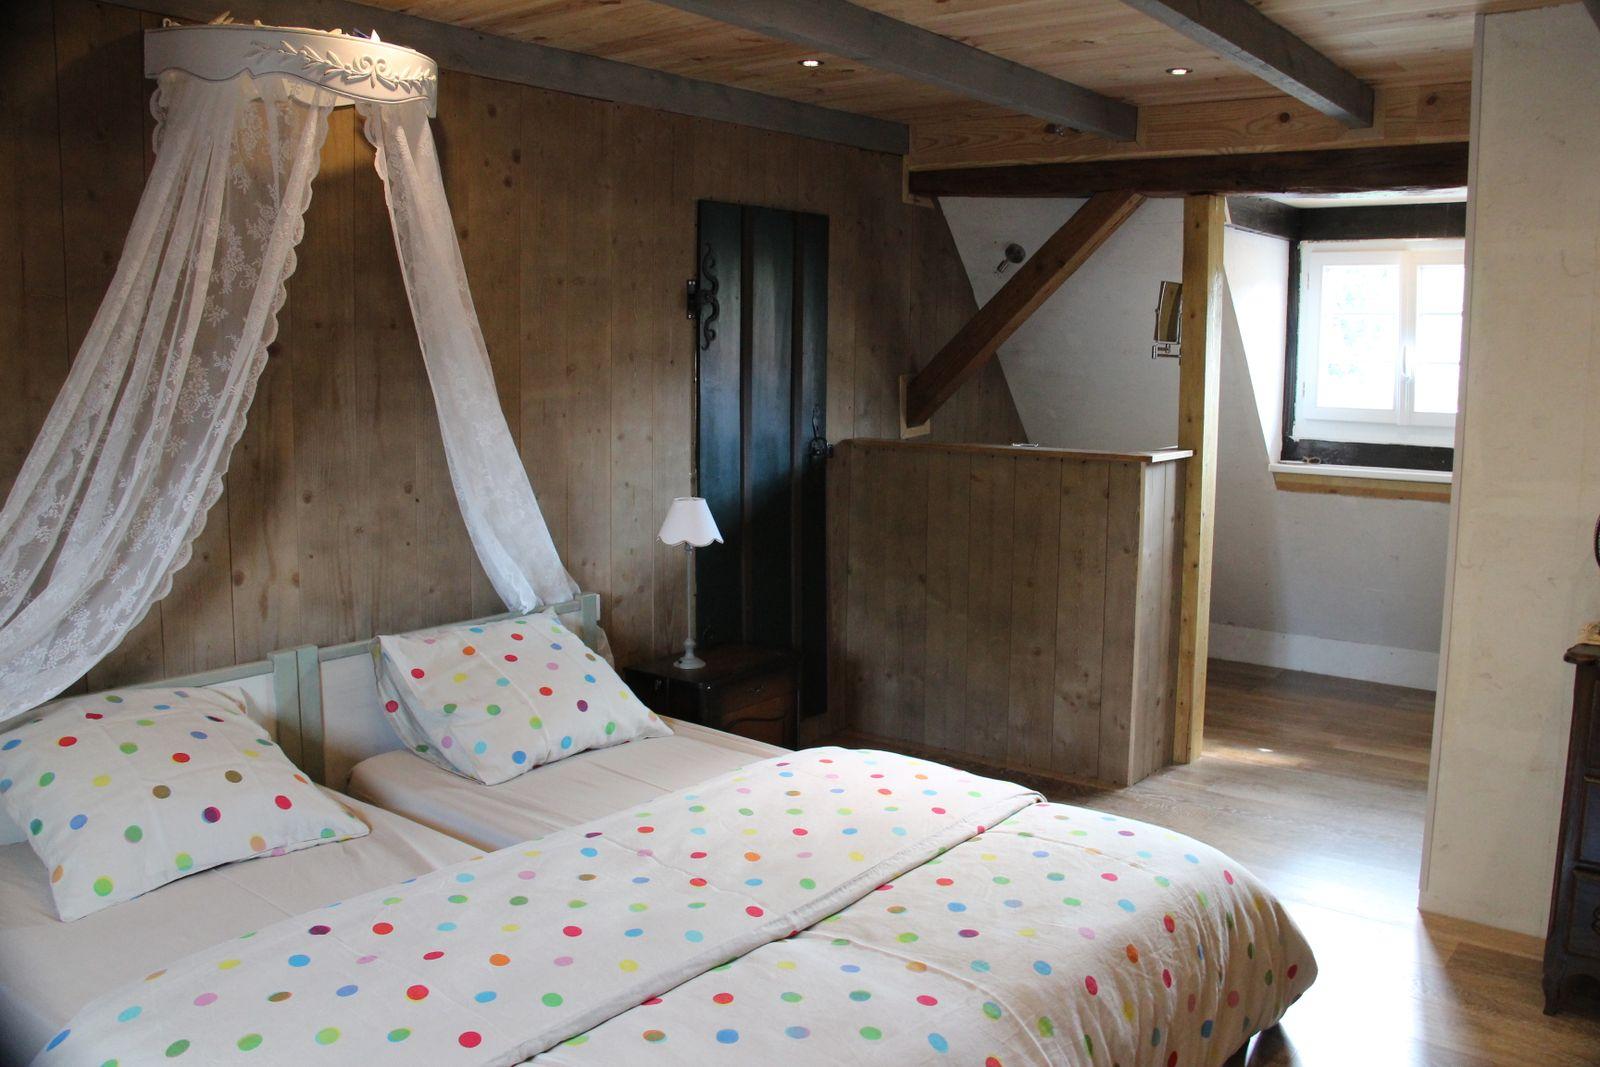 Possibilité d'une chambre attenante supplémentaire pour 2 à 3 personnes (groupe)